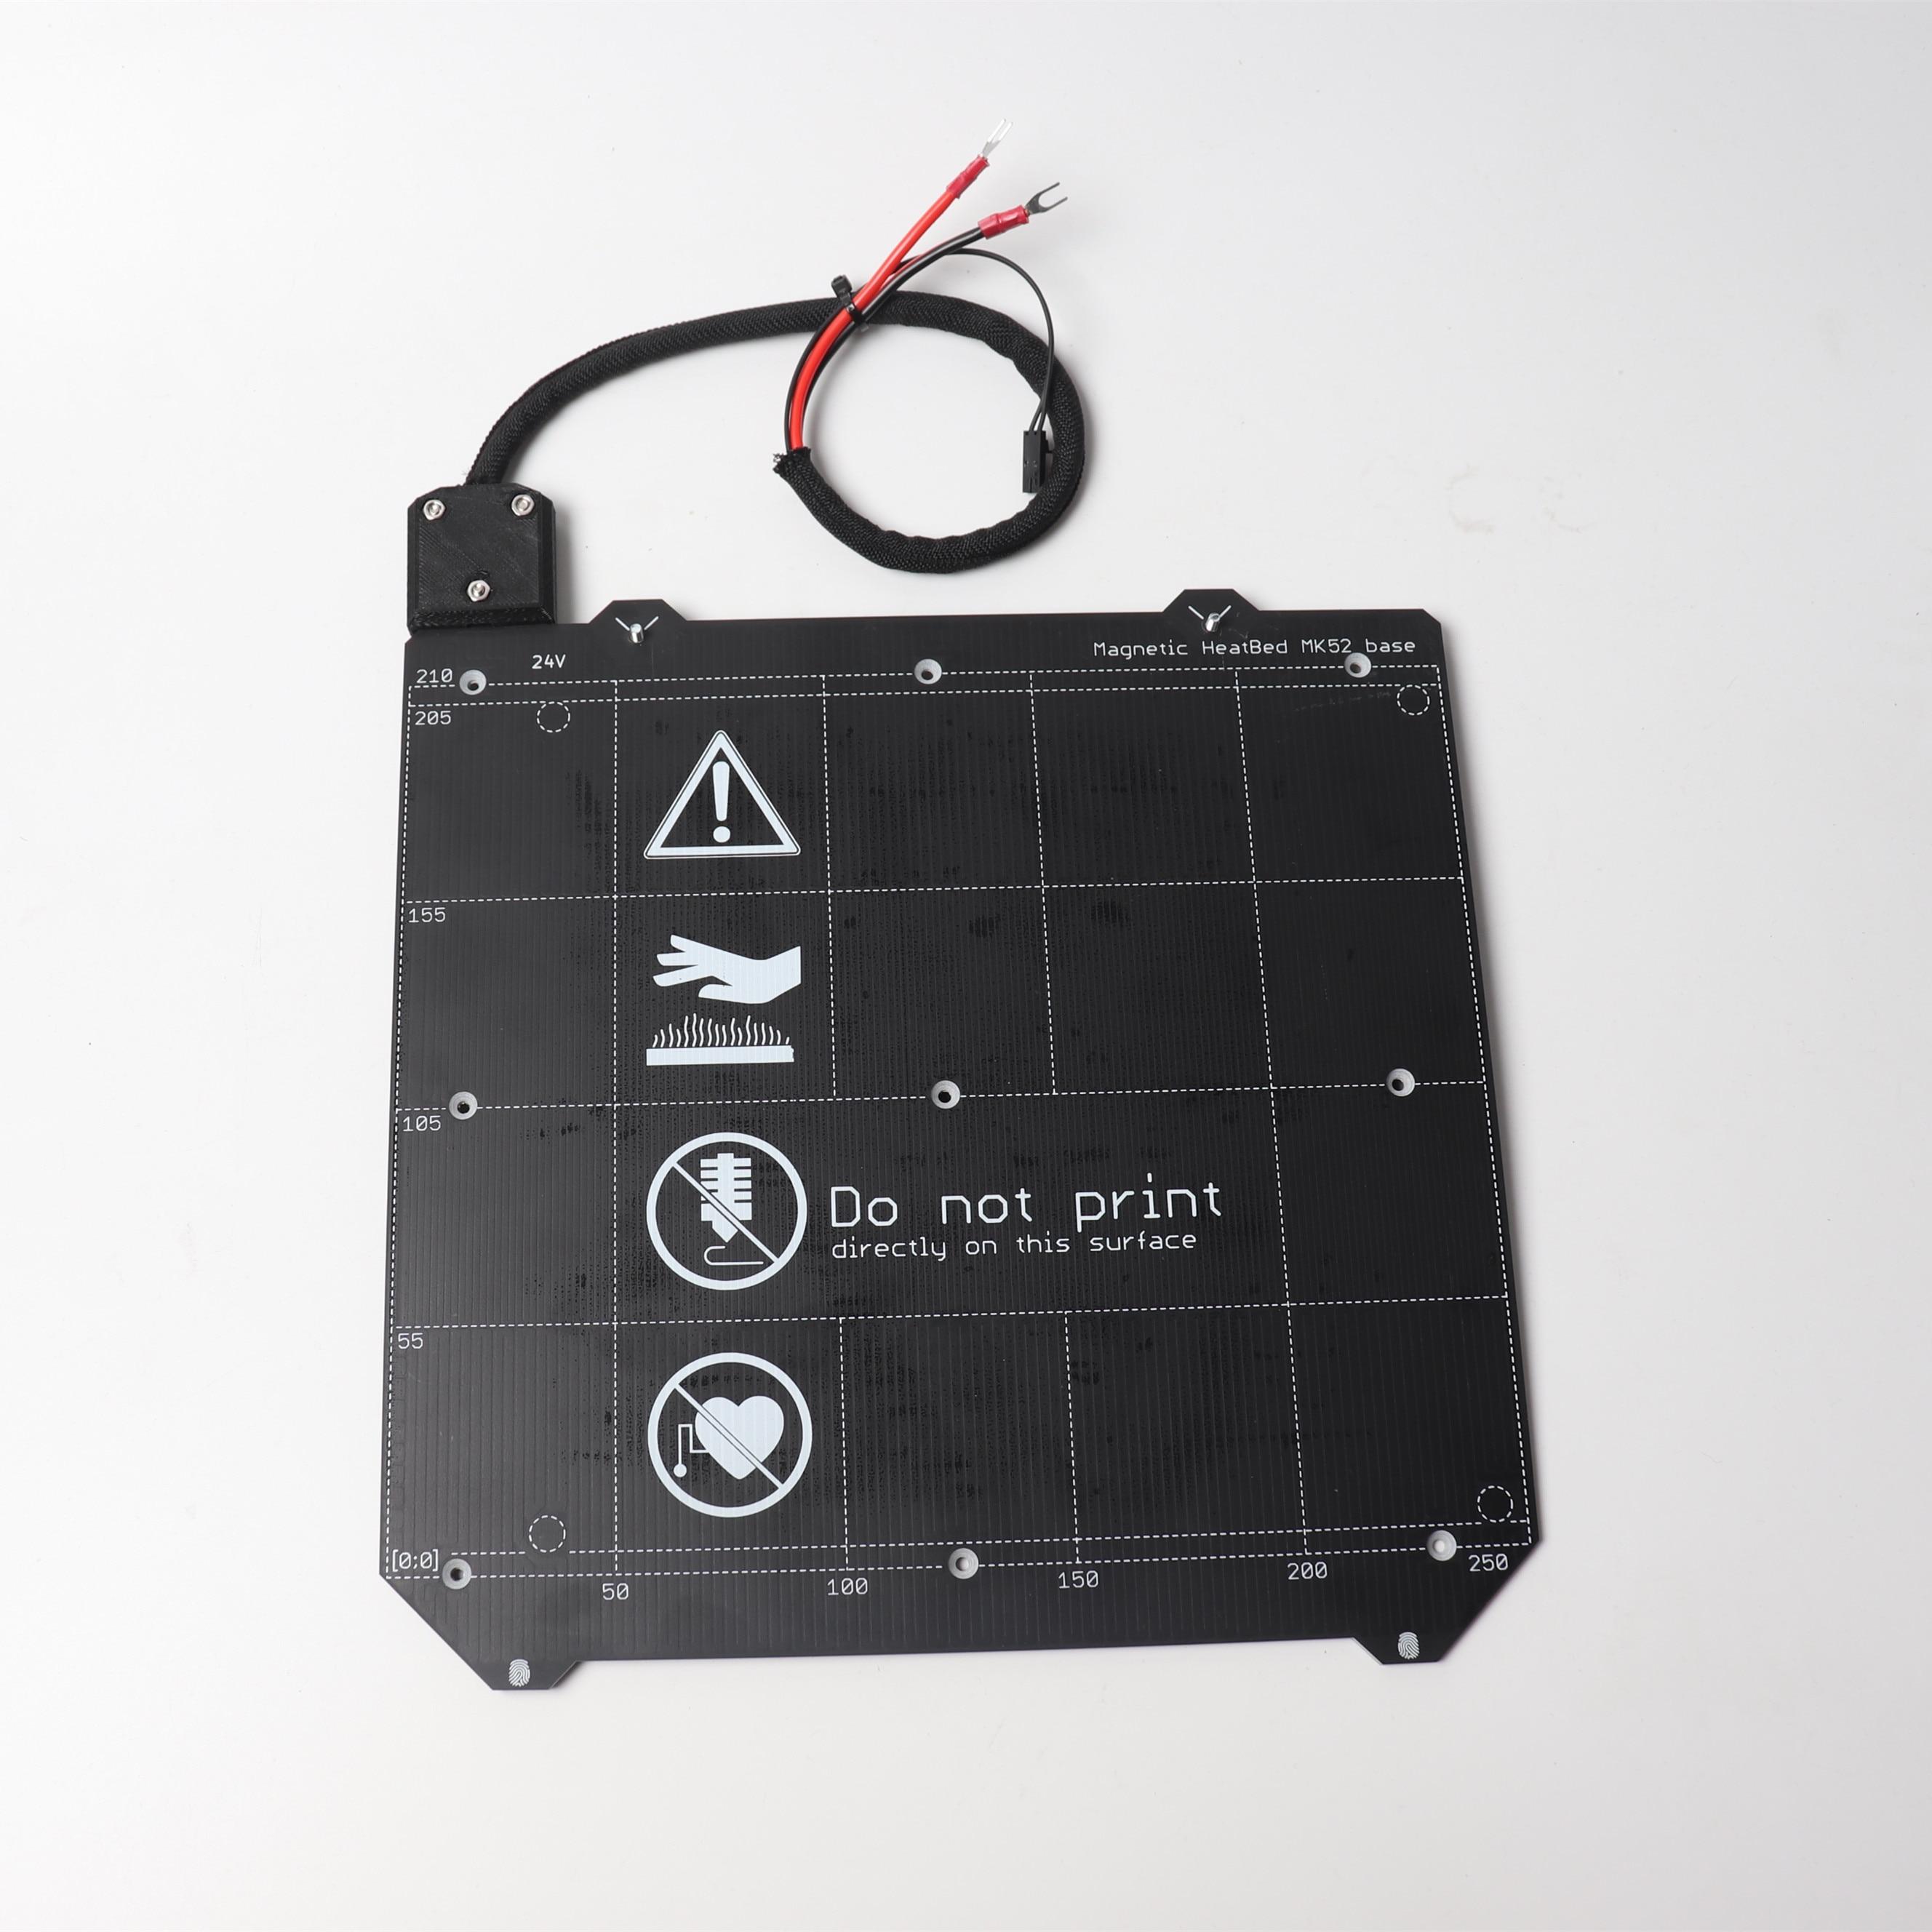 paneldue tela de toque da cor para a impressora 3d